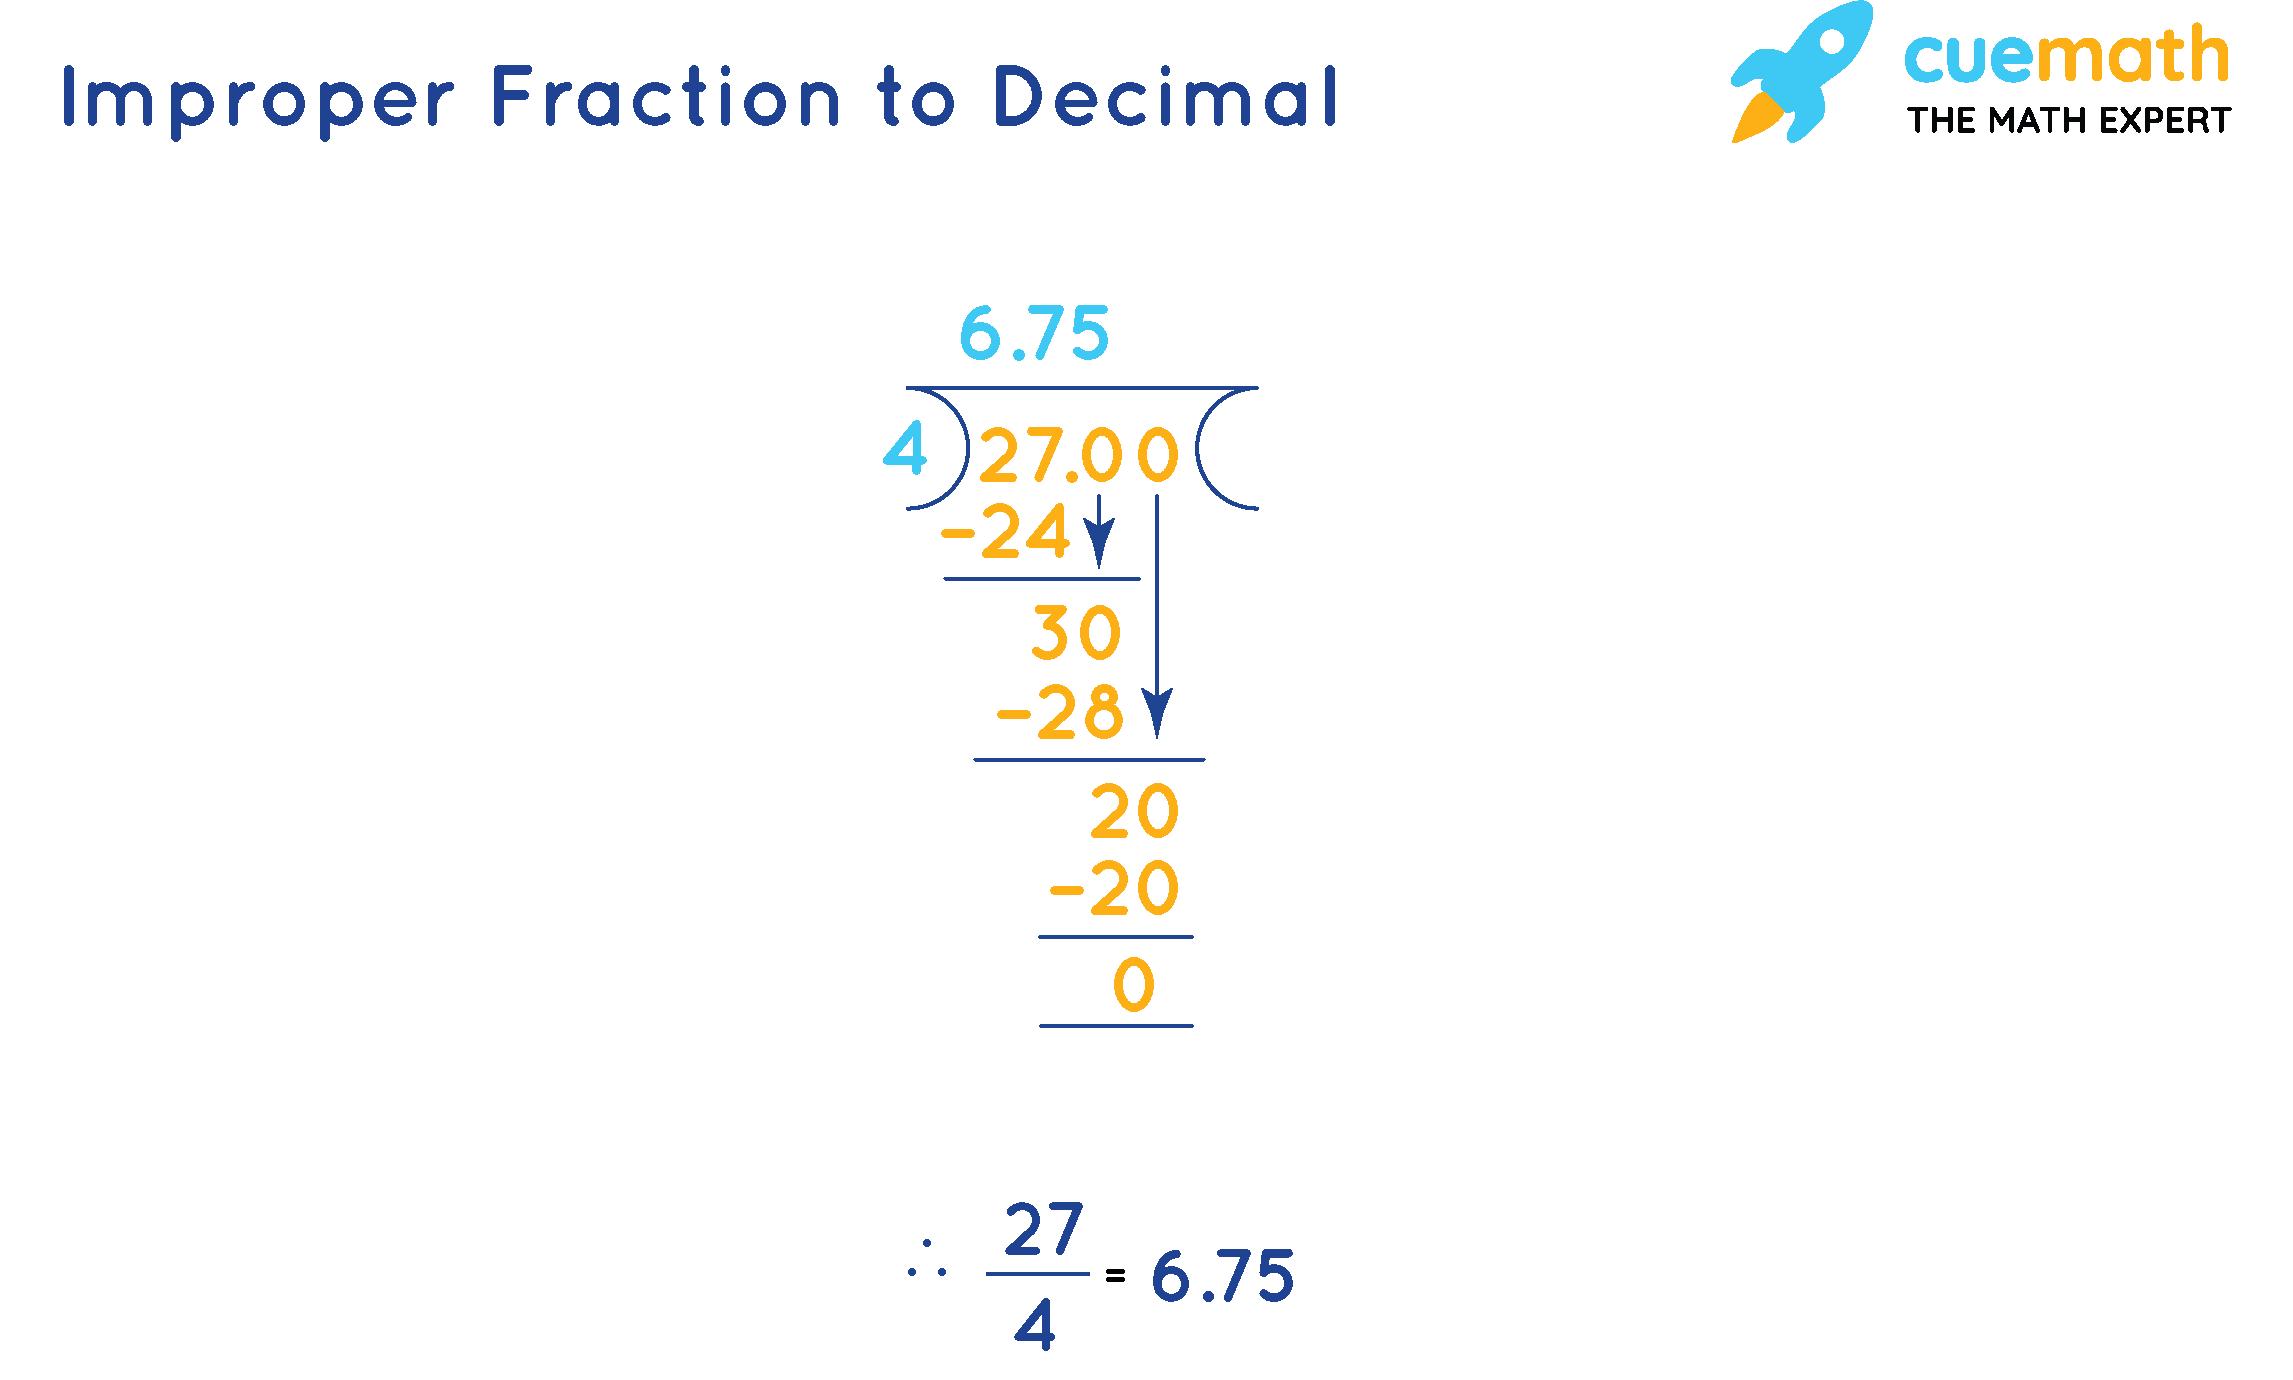 Improper Fraction to Decimal